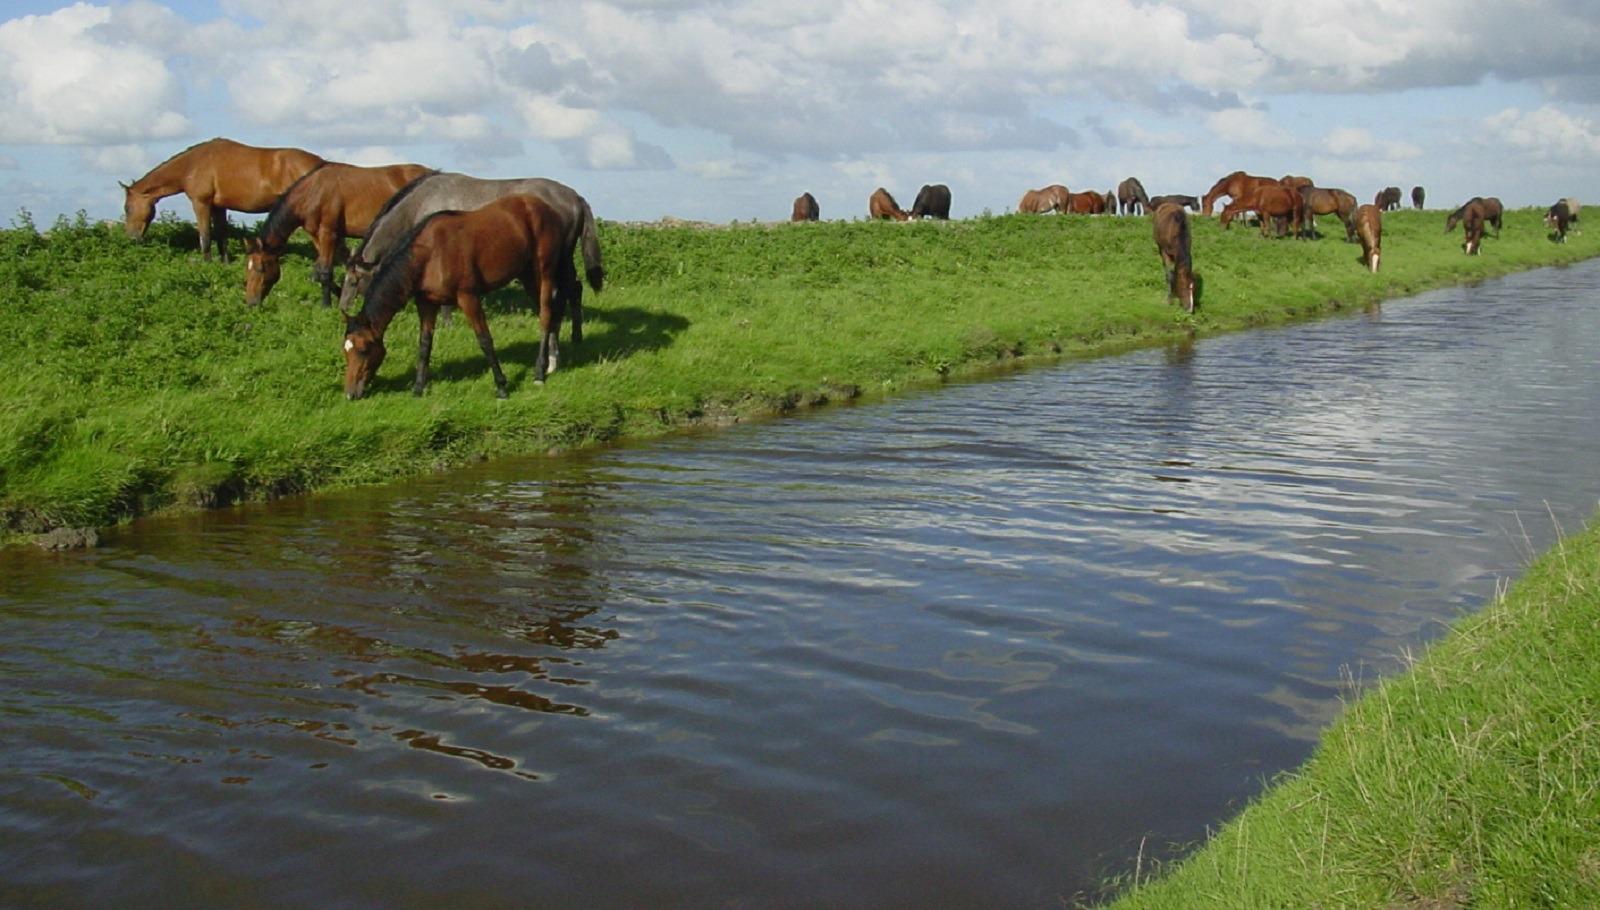 Wandelroute Dobbepaarden Noard-Fryslân Bûtendyks